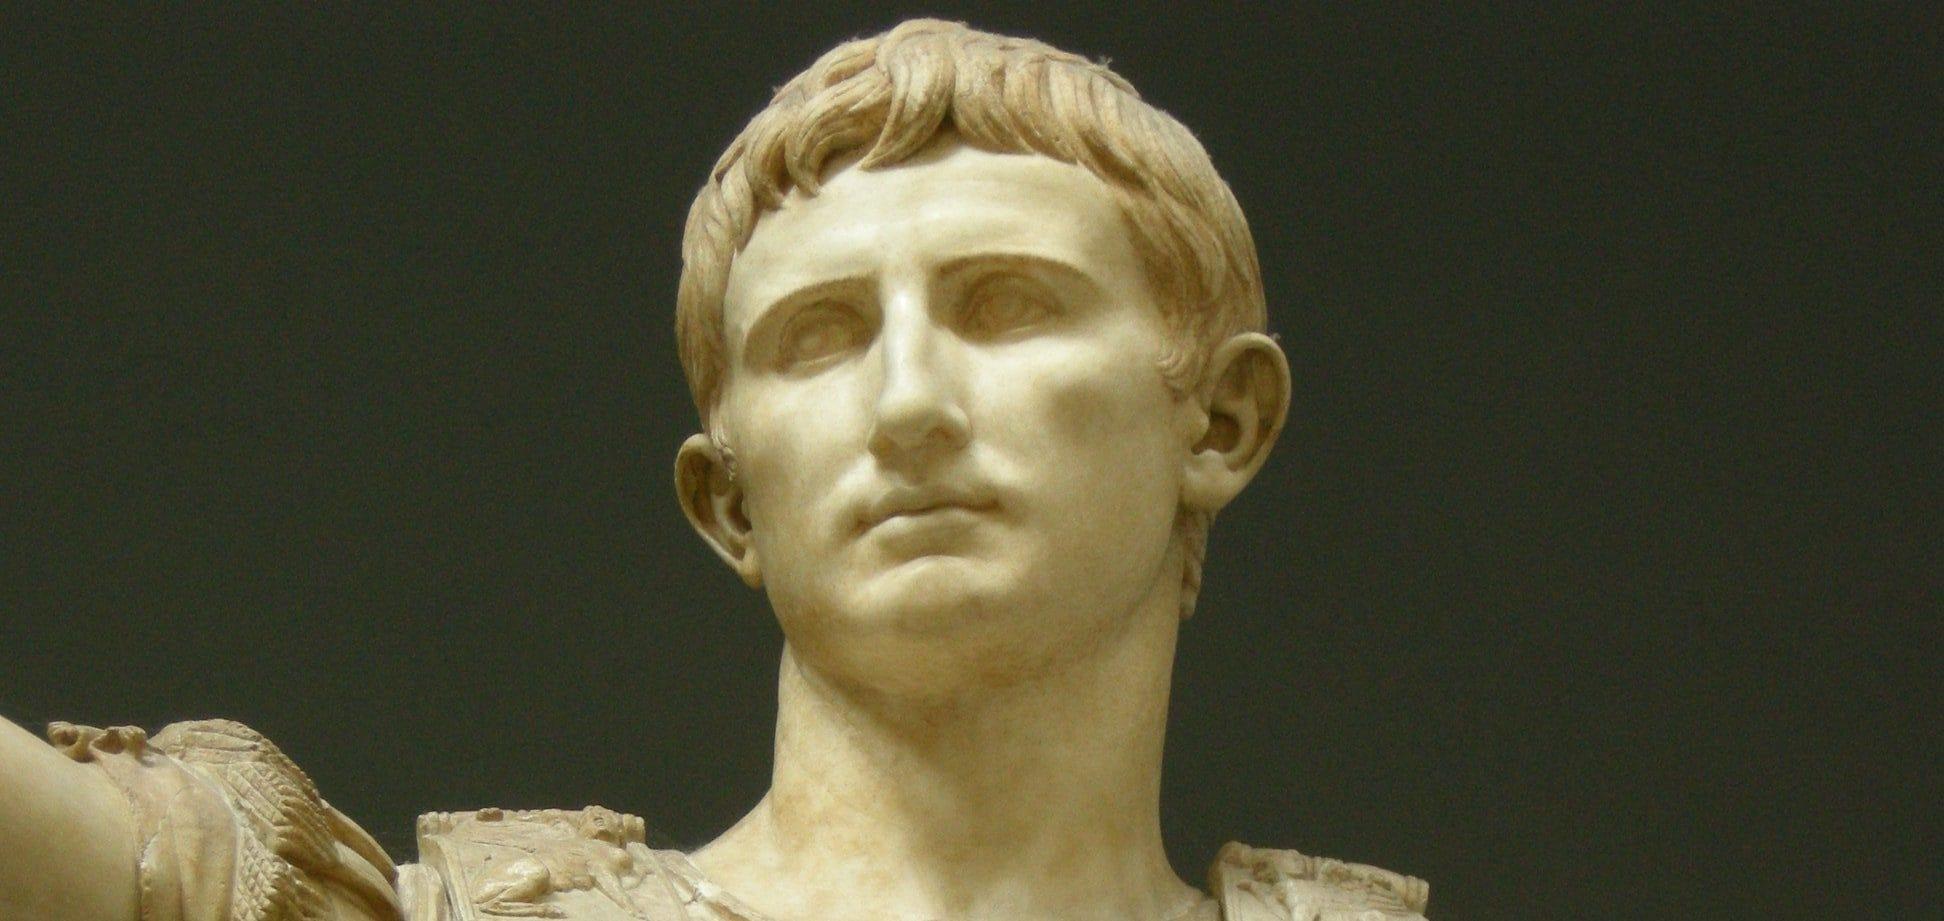 Augusto di Prima Porta, Musei Vaticani.